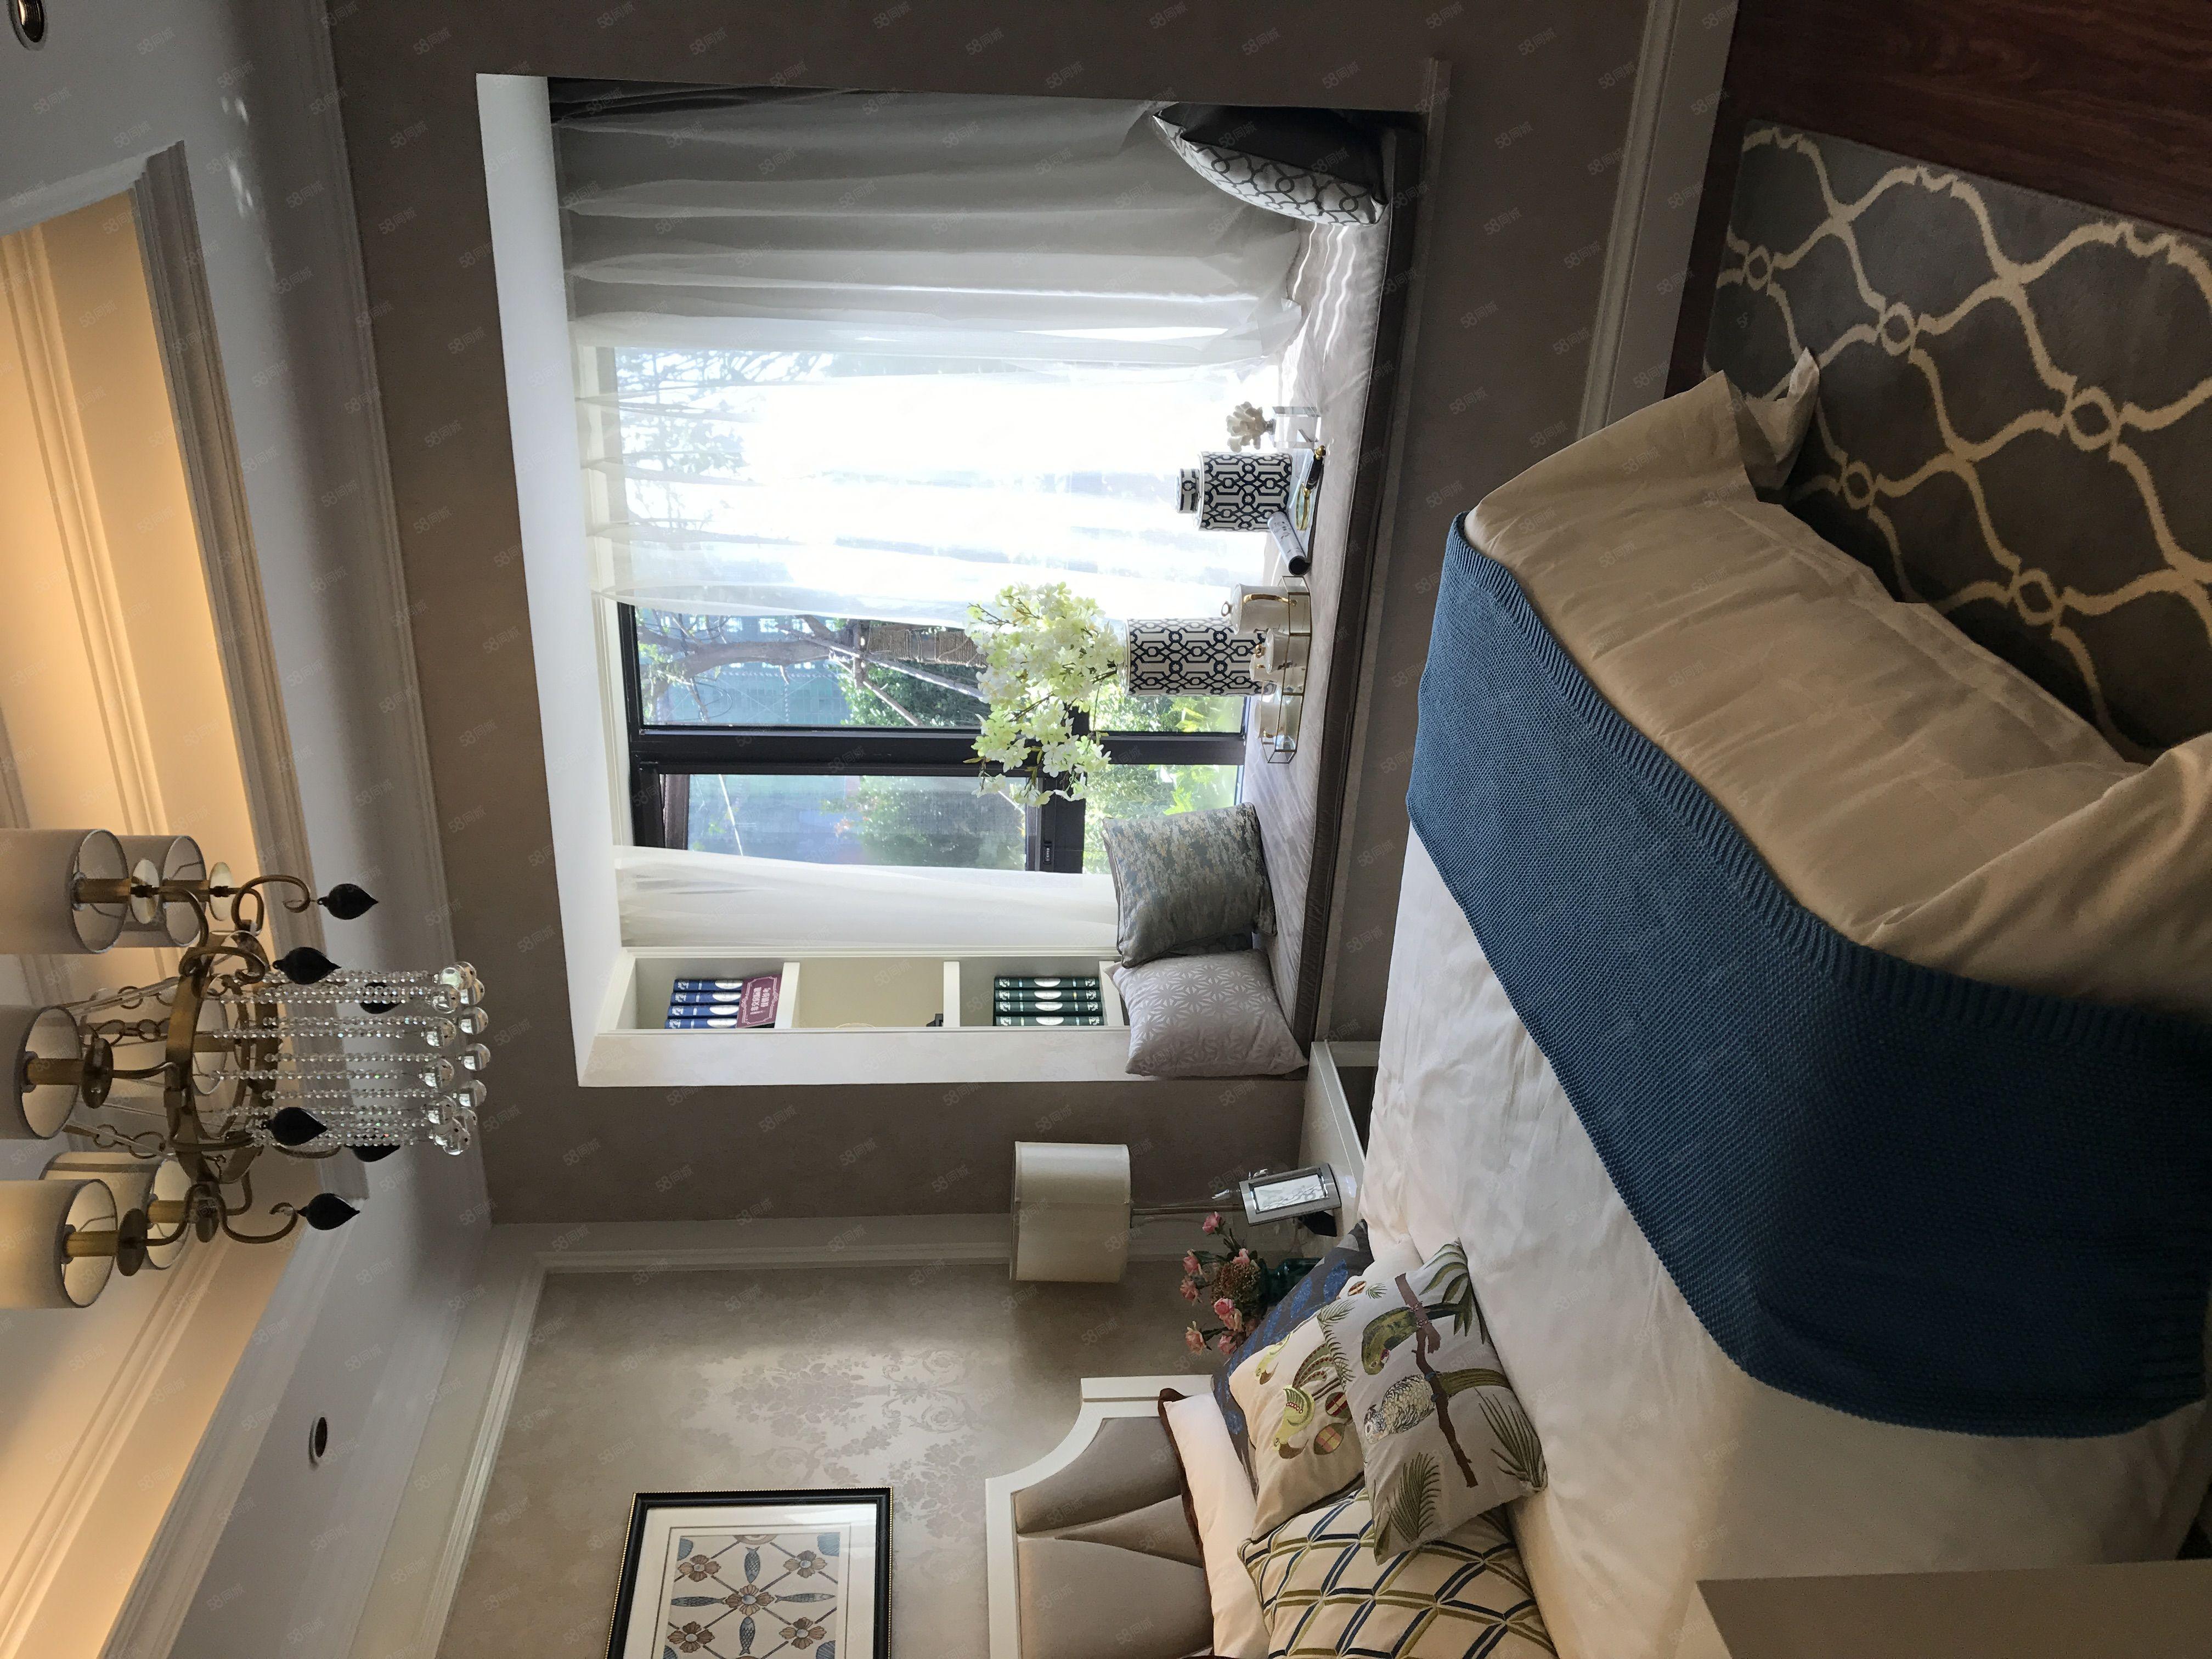 航空港区英迪学校旁地铁口5.09米复式公寓双气可当住宅